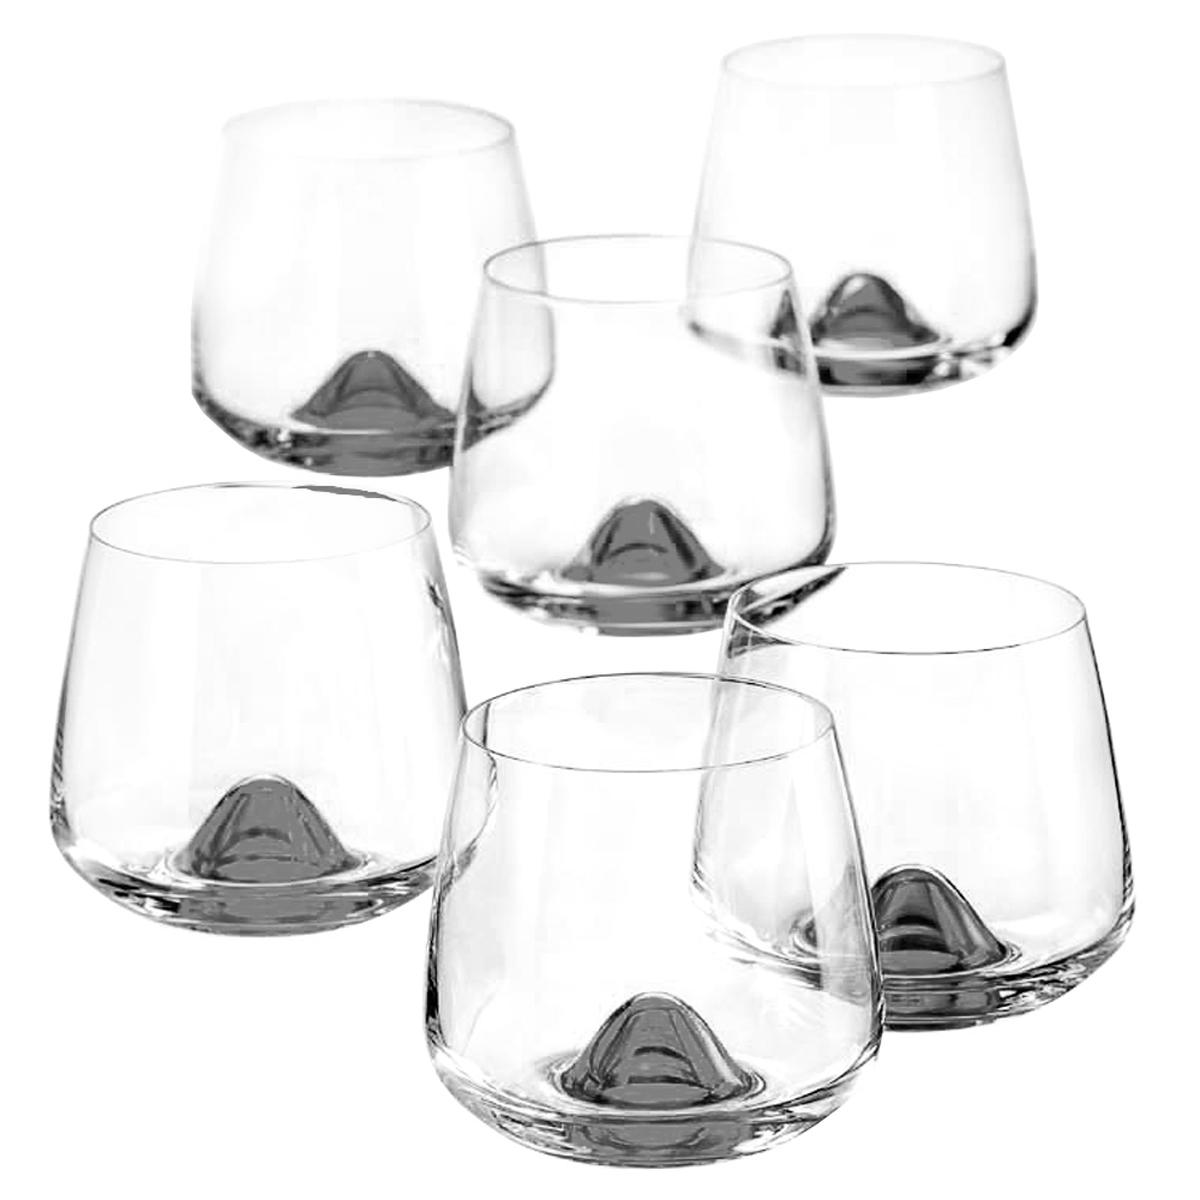 Набор бокалов для бренди Bohemia Crystal Айлэндс, 310 мл, 6 шт набор бокалов для бренди 6 шт crystalite bohemia набор бокалов для бренди 6 шт